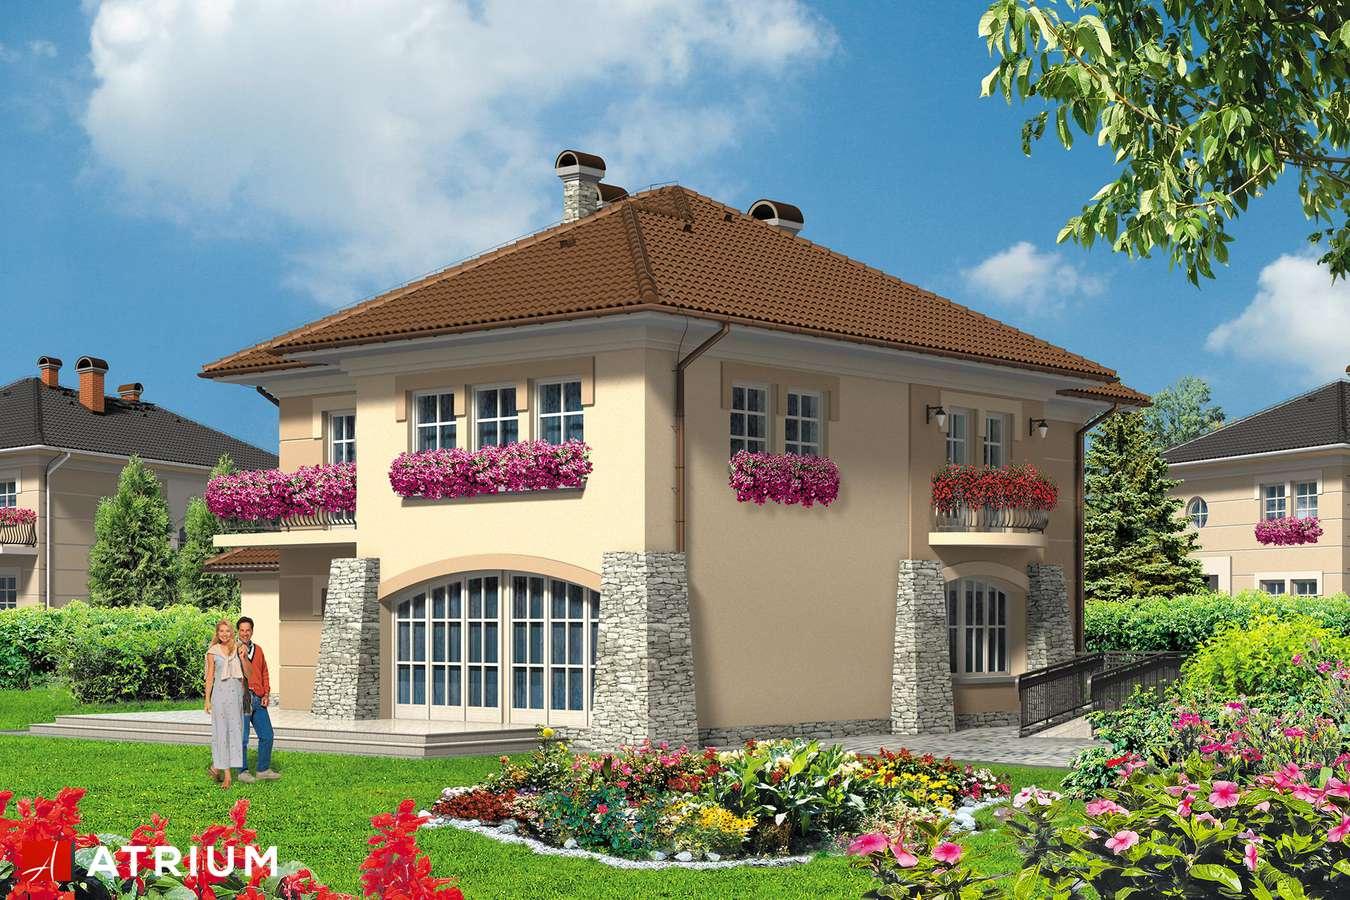 Projekty domów - Projekt domu piętrowego VILLA MEDICA - wizualizacja 2